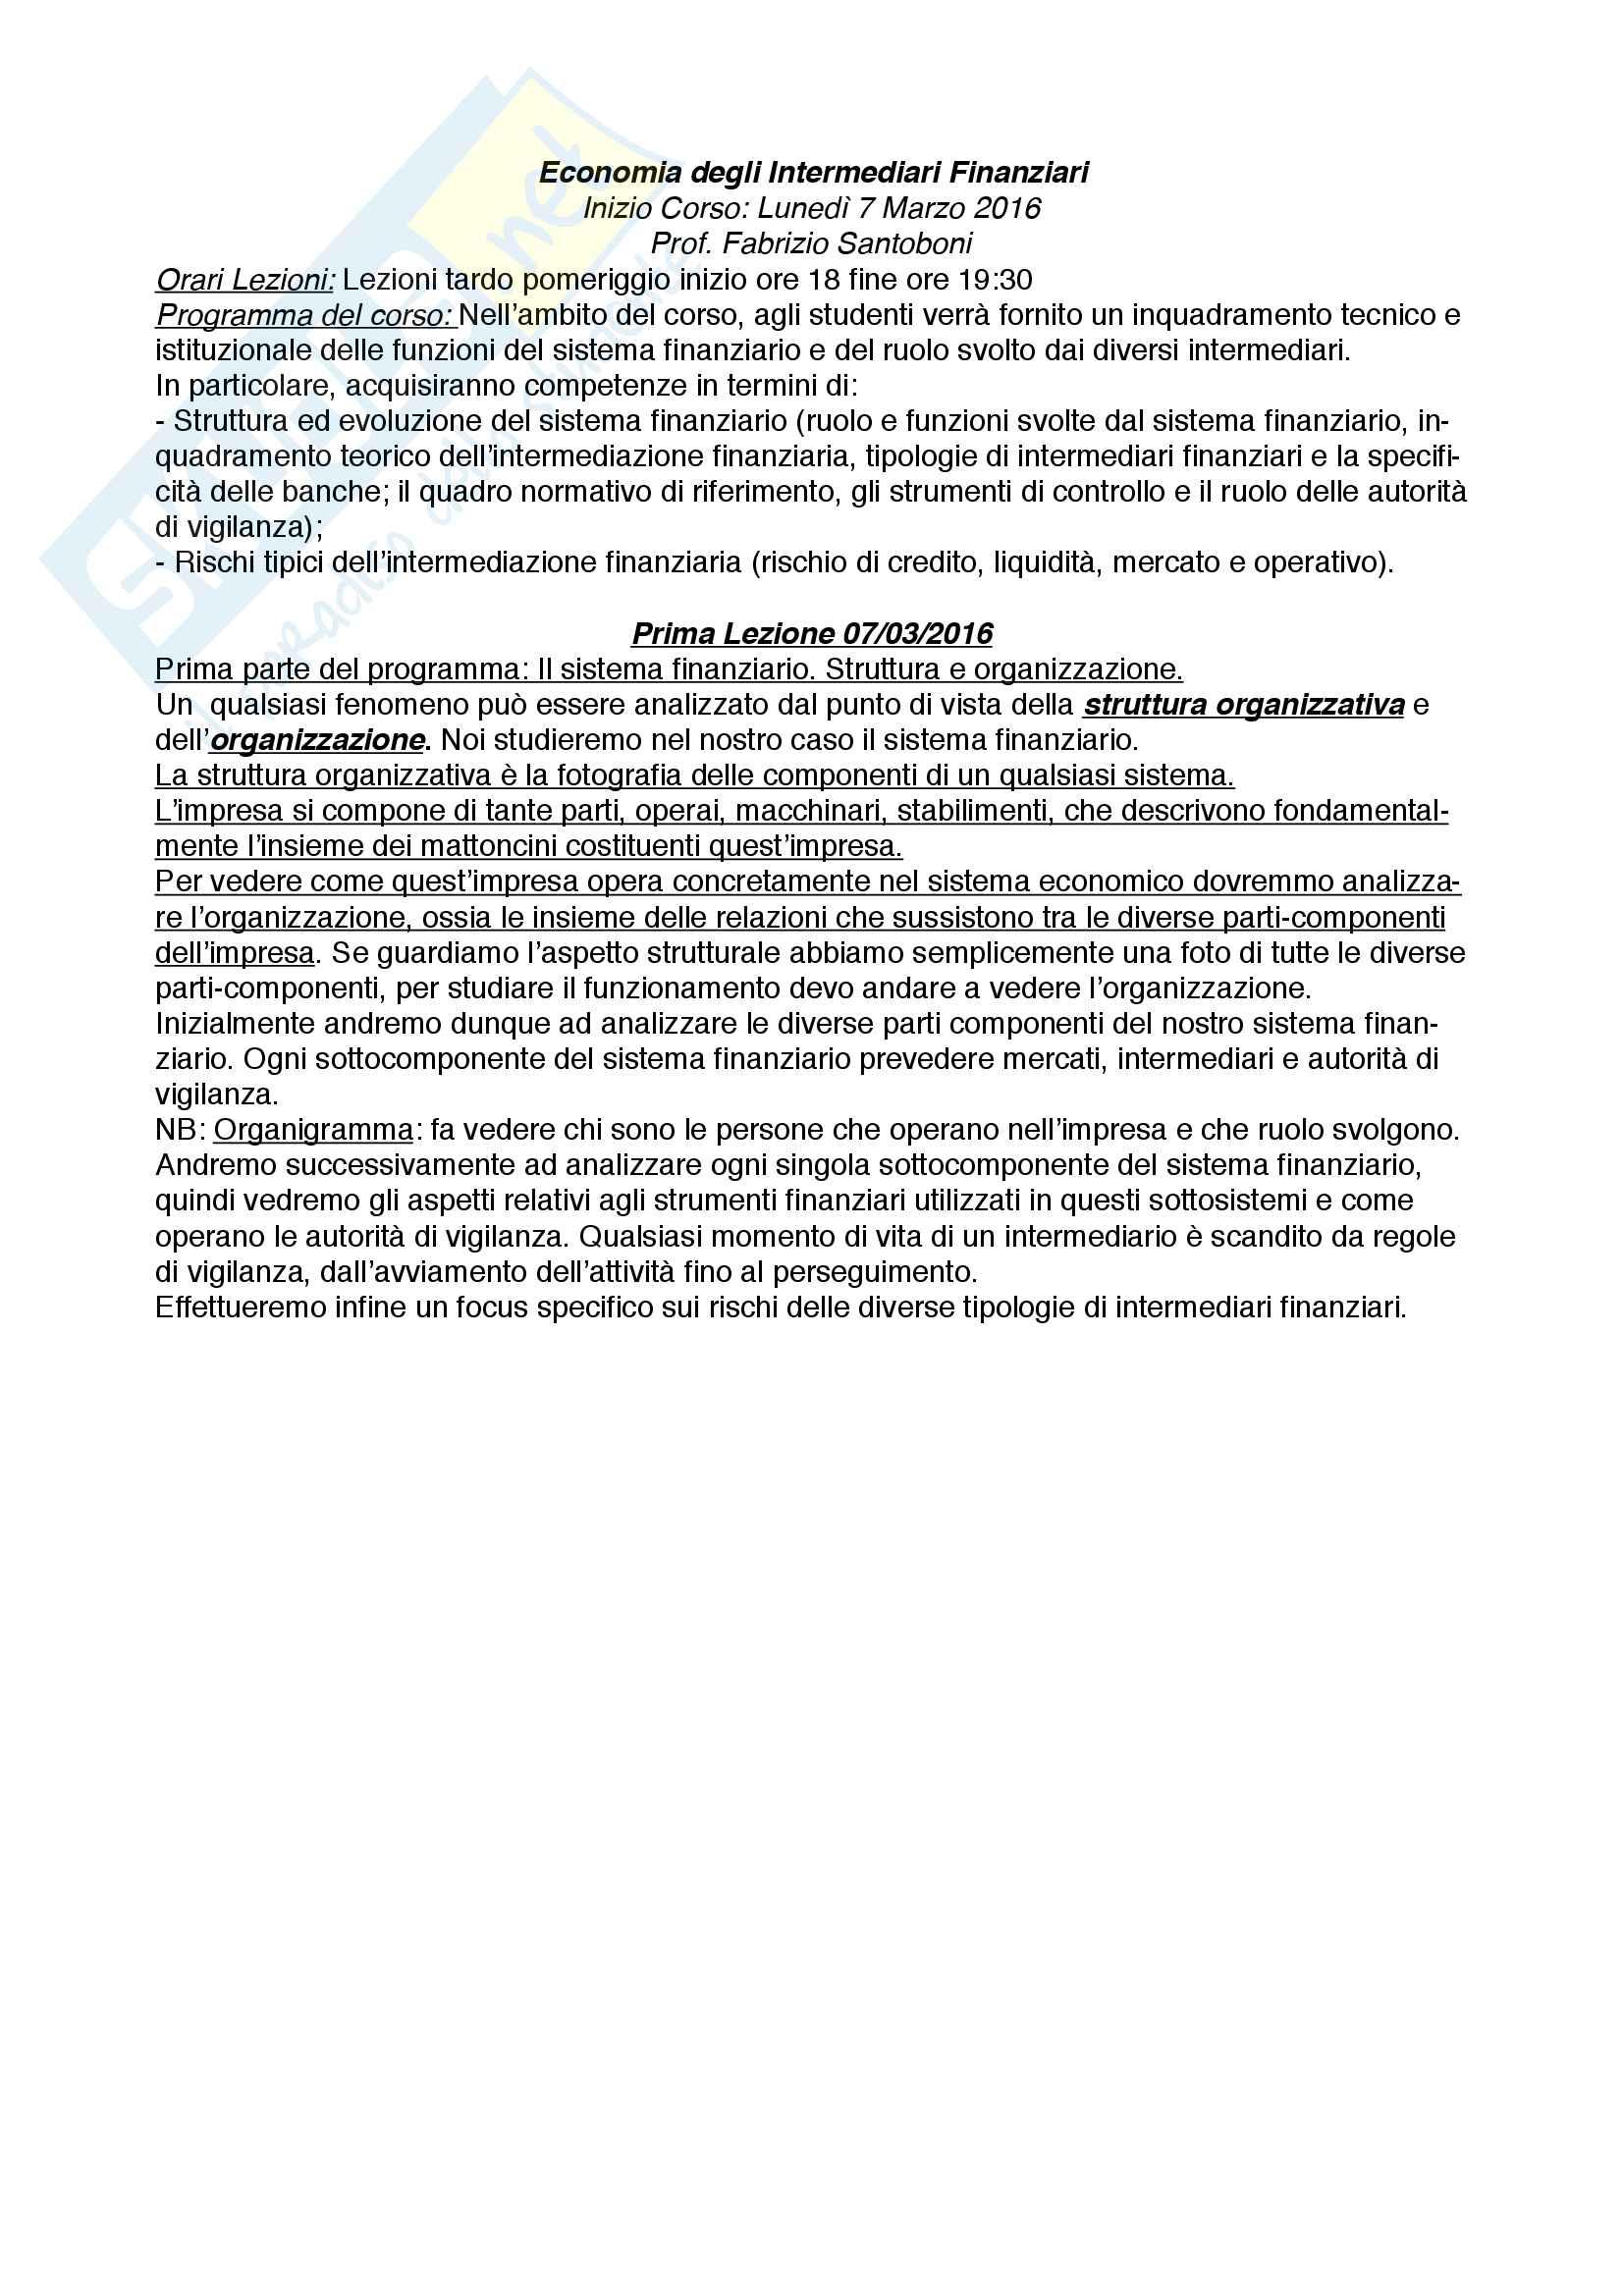 appunto F. Santoboni Economia degli intermediari finanziari